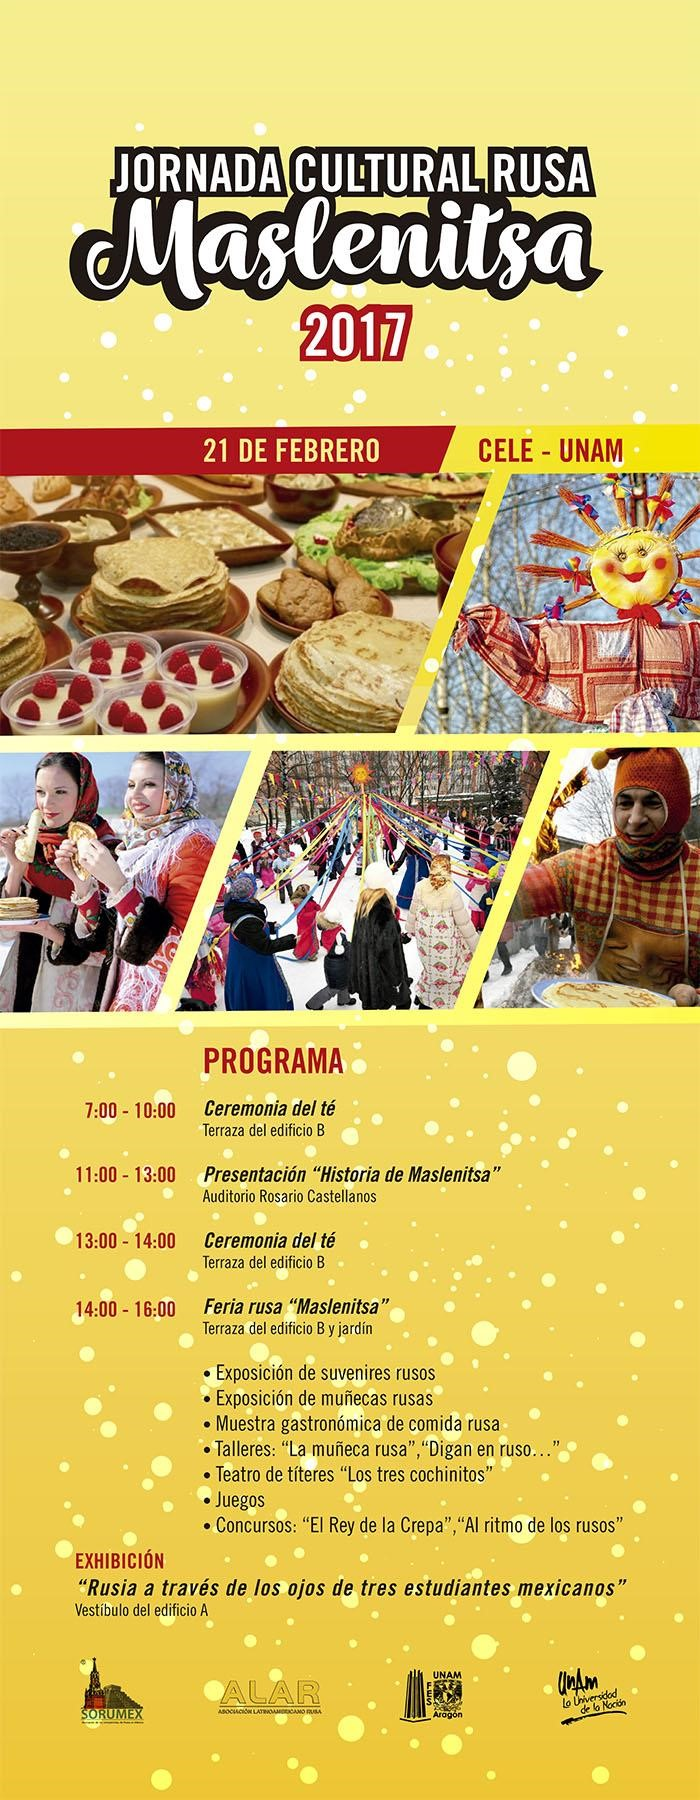 Programa de la Jornada Cultural Rusa del Centro de Lenguas Extranjeras